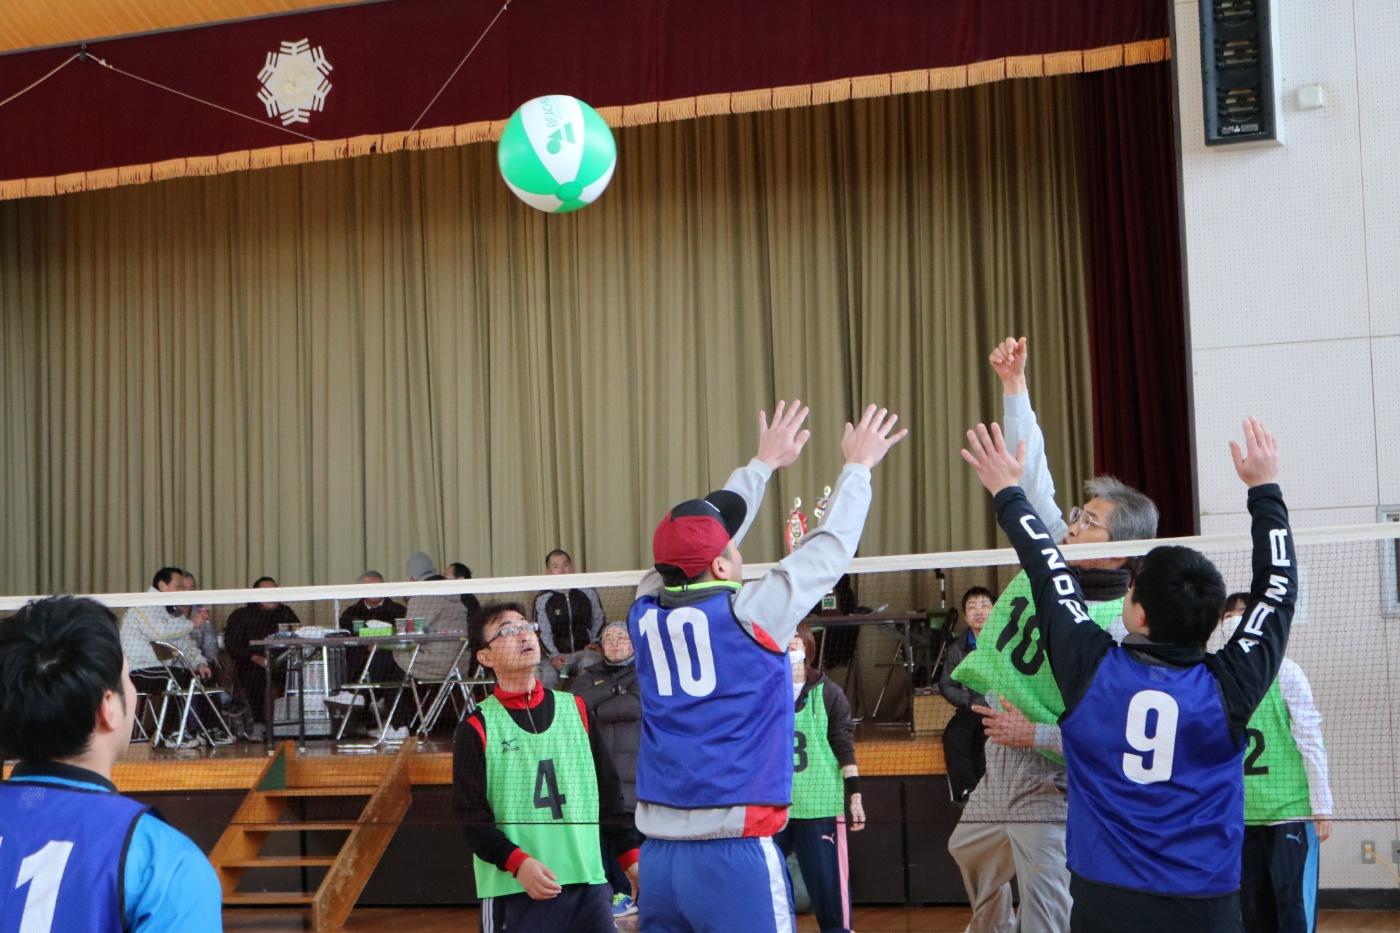 ビーチボールバレーの様子 第29回吉島地区冬季スポーツレクリエーション大会